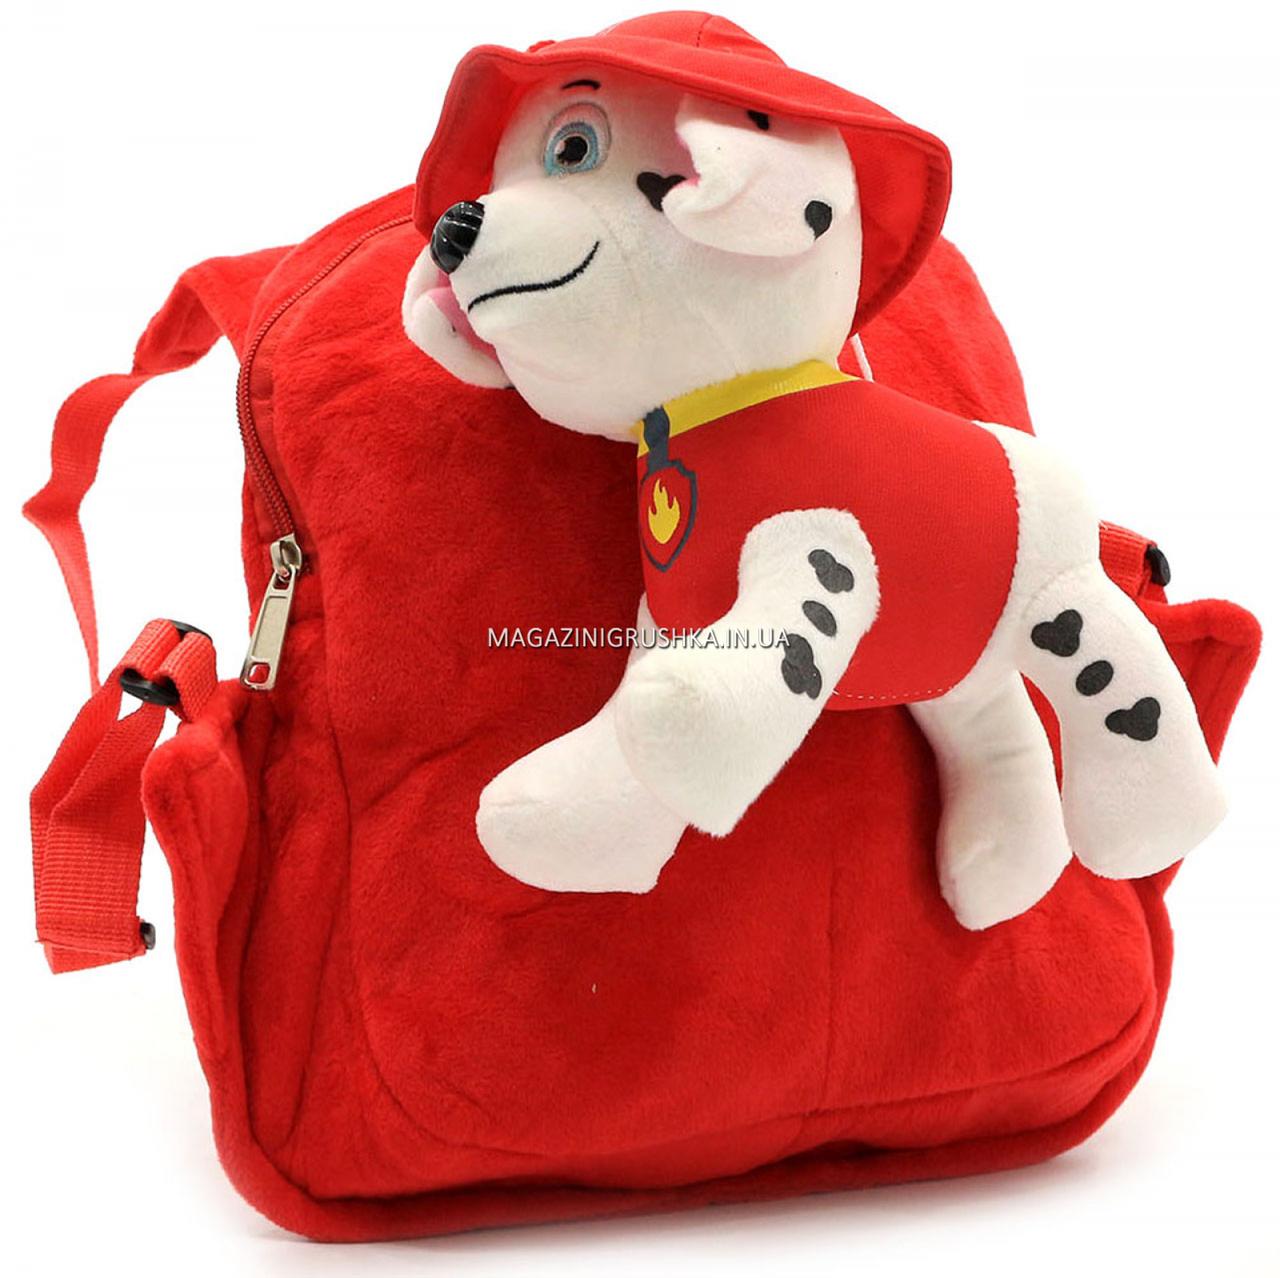 Рюкзак с игрушкой Kinder Toys «Щенячий патруль» Маршал 30х10х20 см (24748-1)